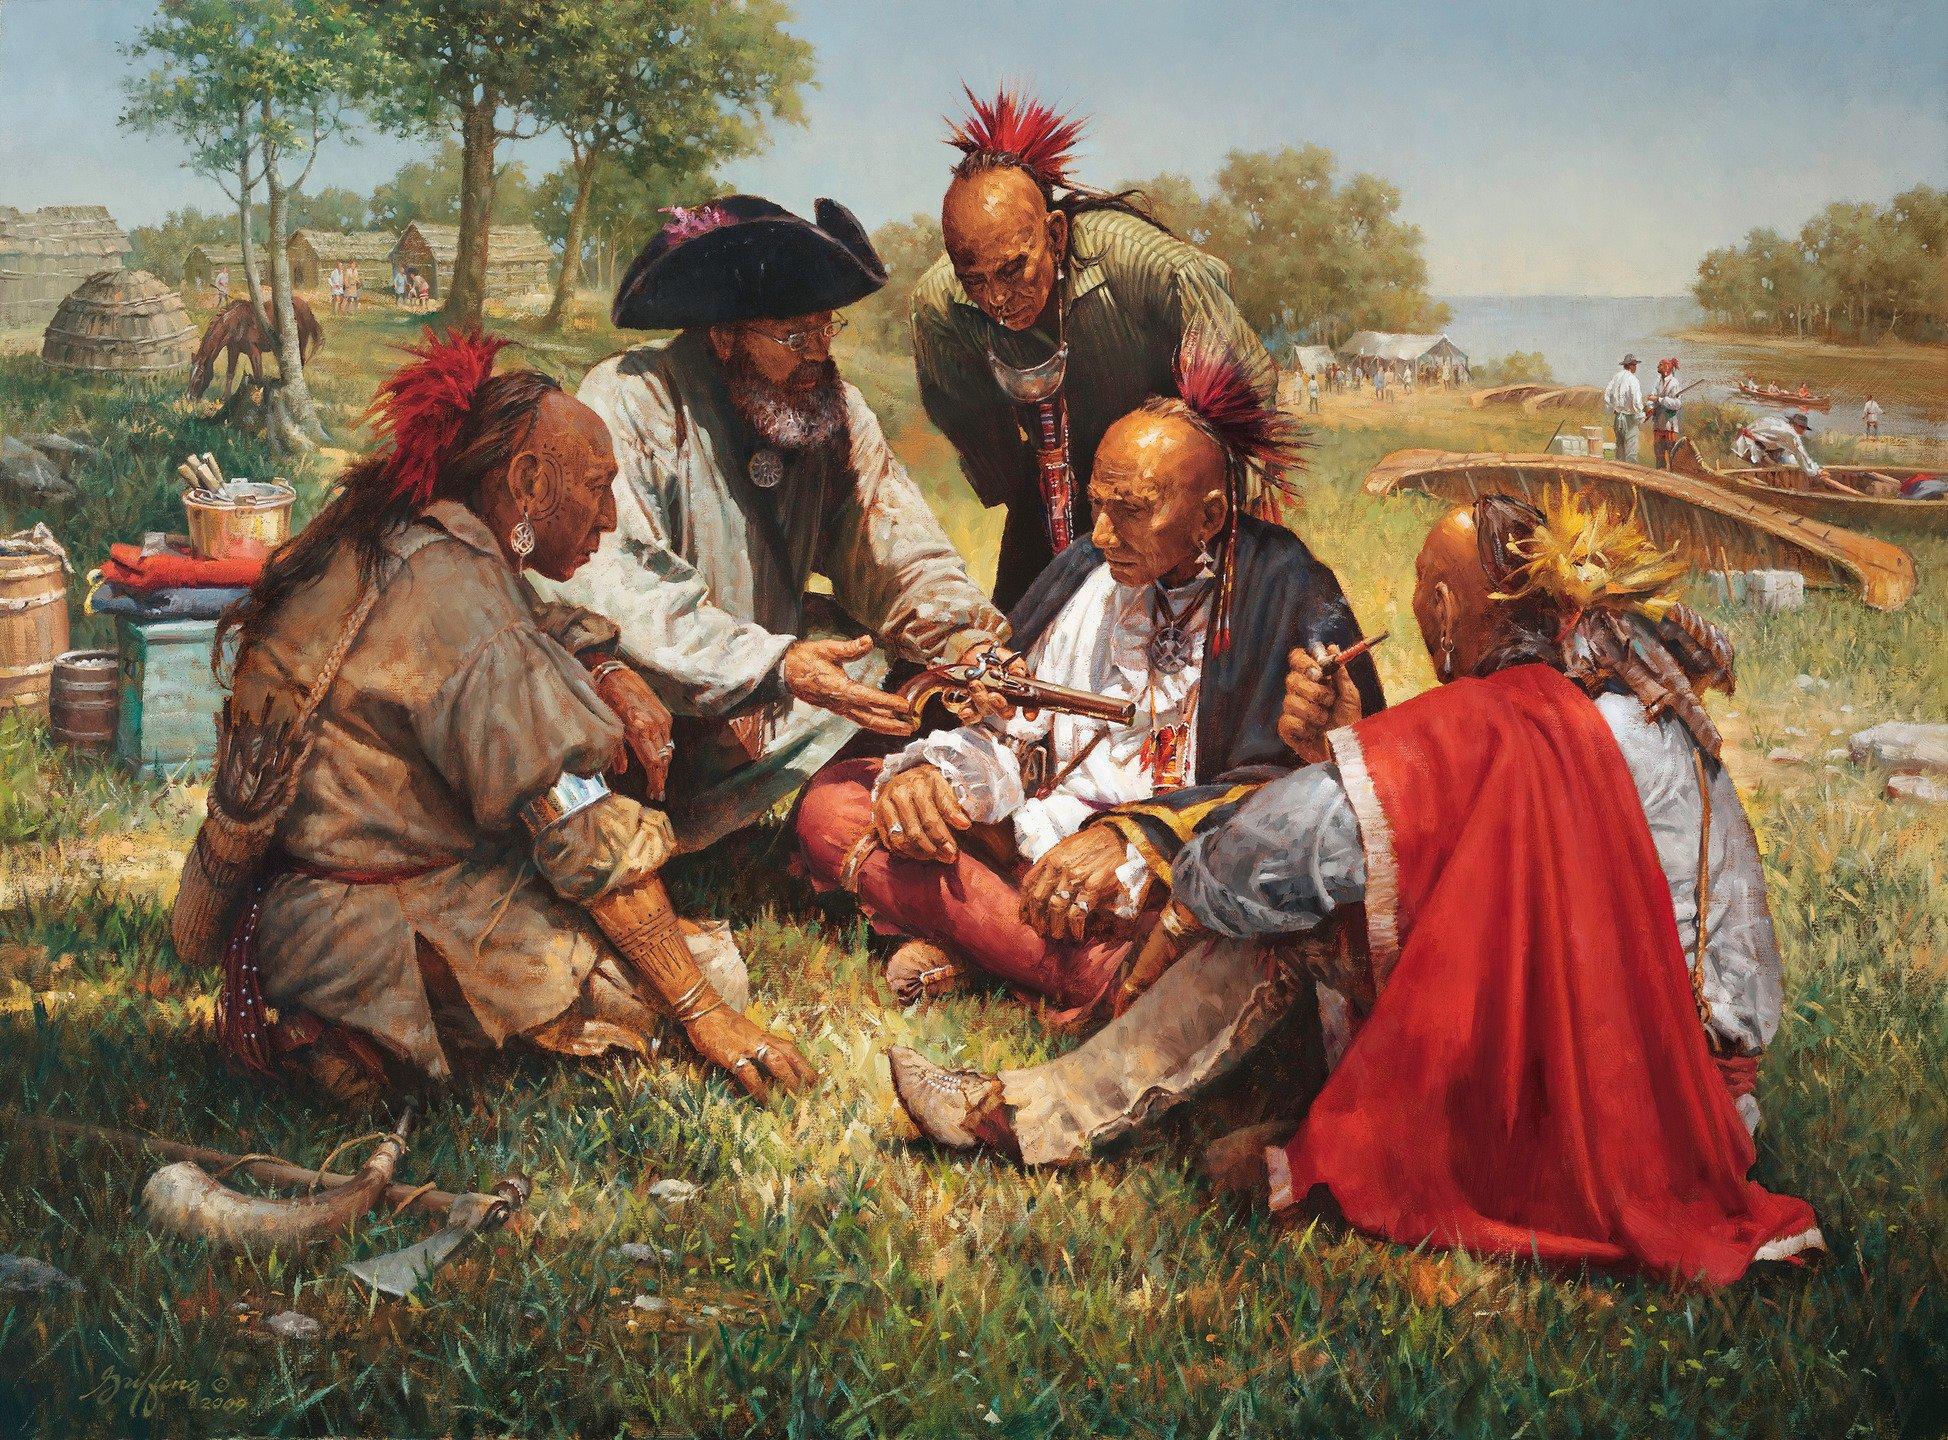 Порно индейцев апачи